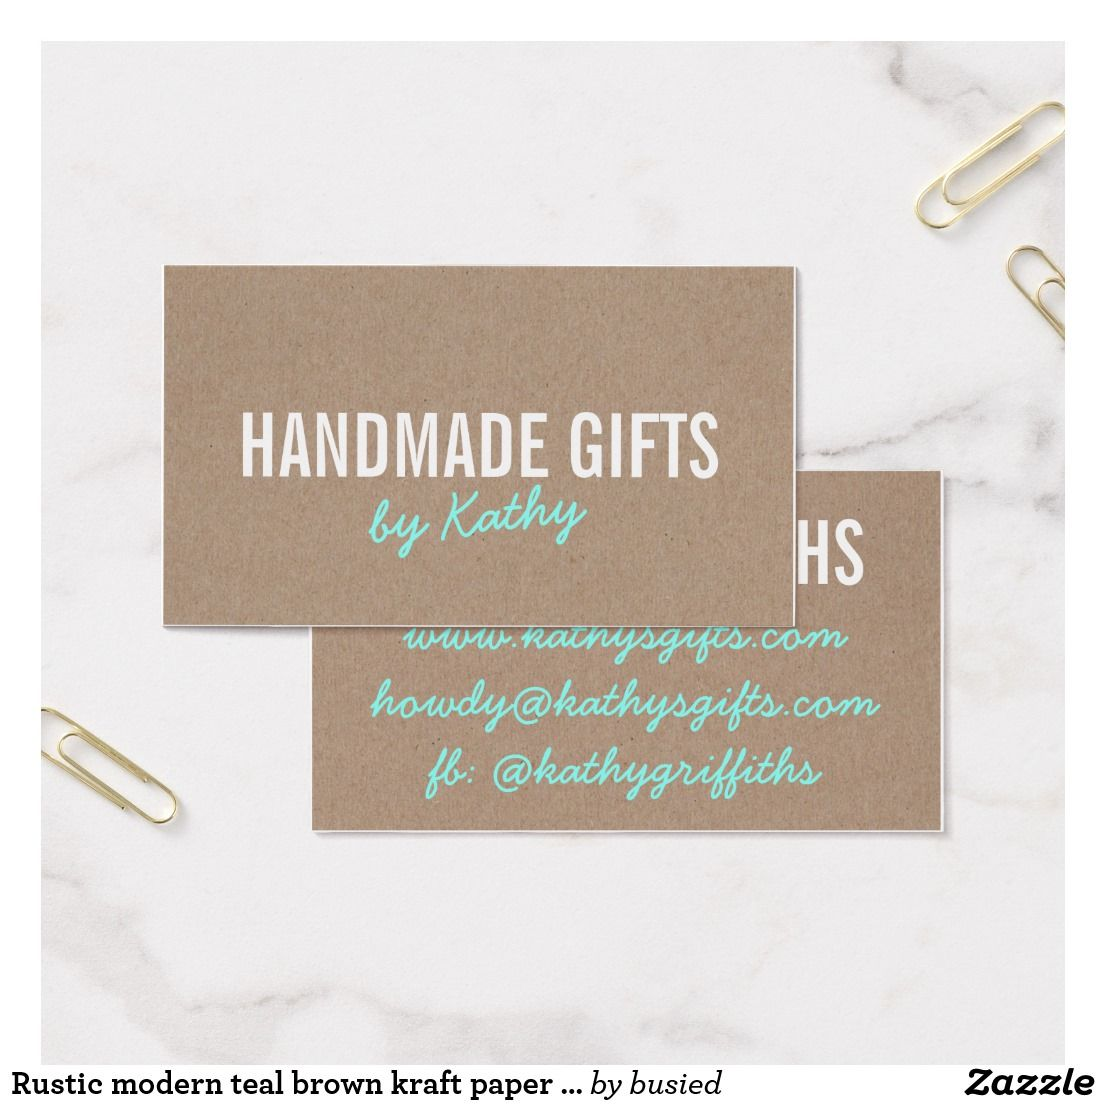 Rustic modern teal brown kraft paper handmade diy business card rustic modern teal brown kraft paper handmade diy business card reheart Image collections